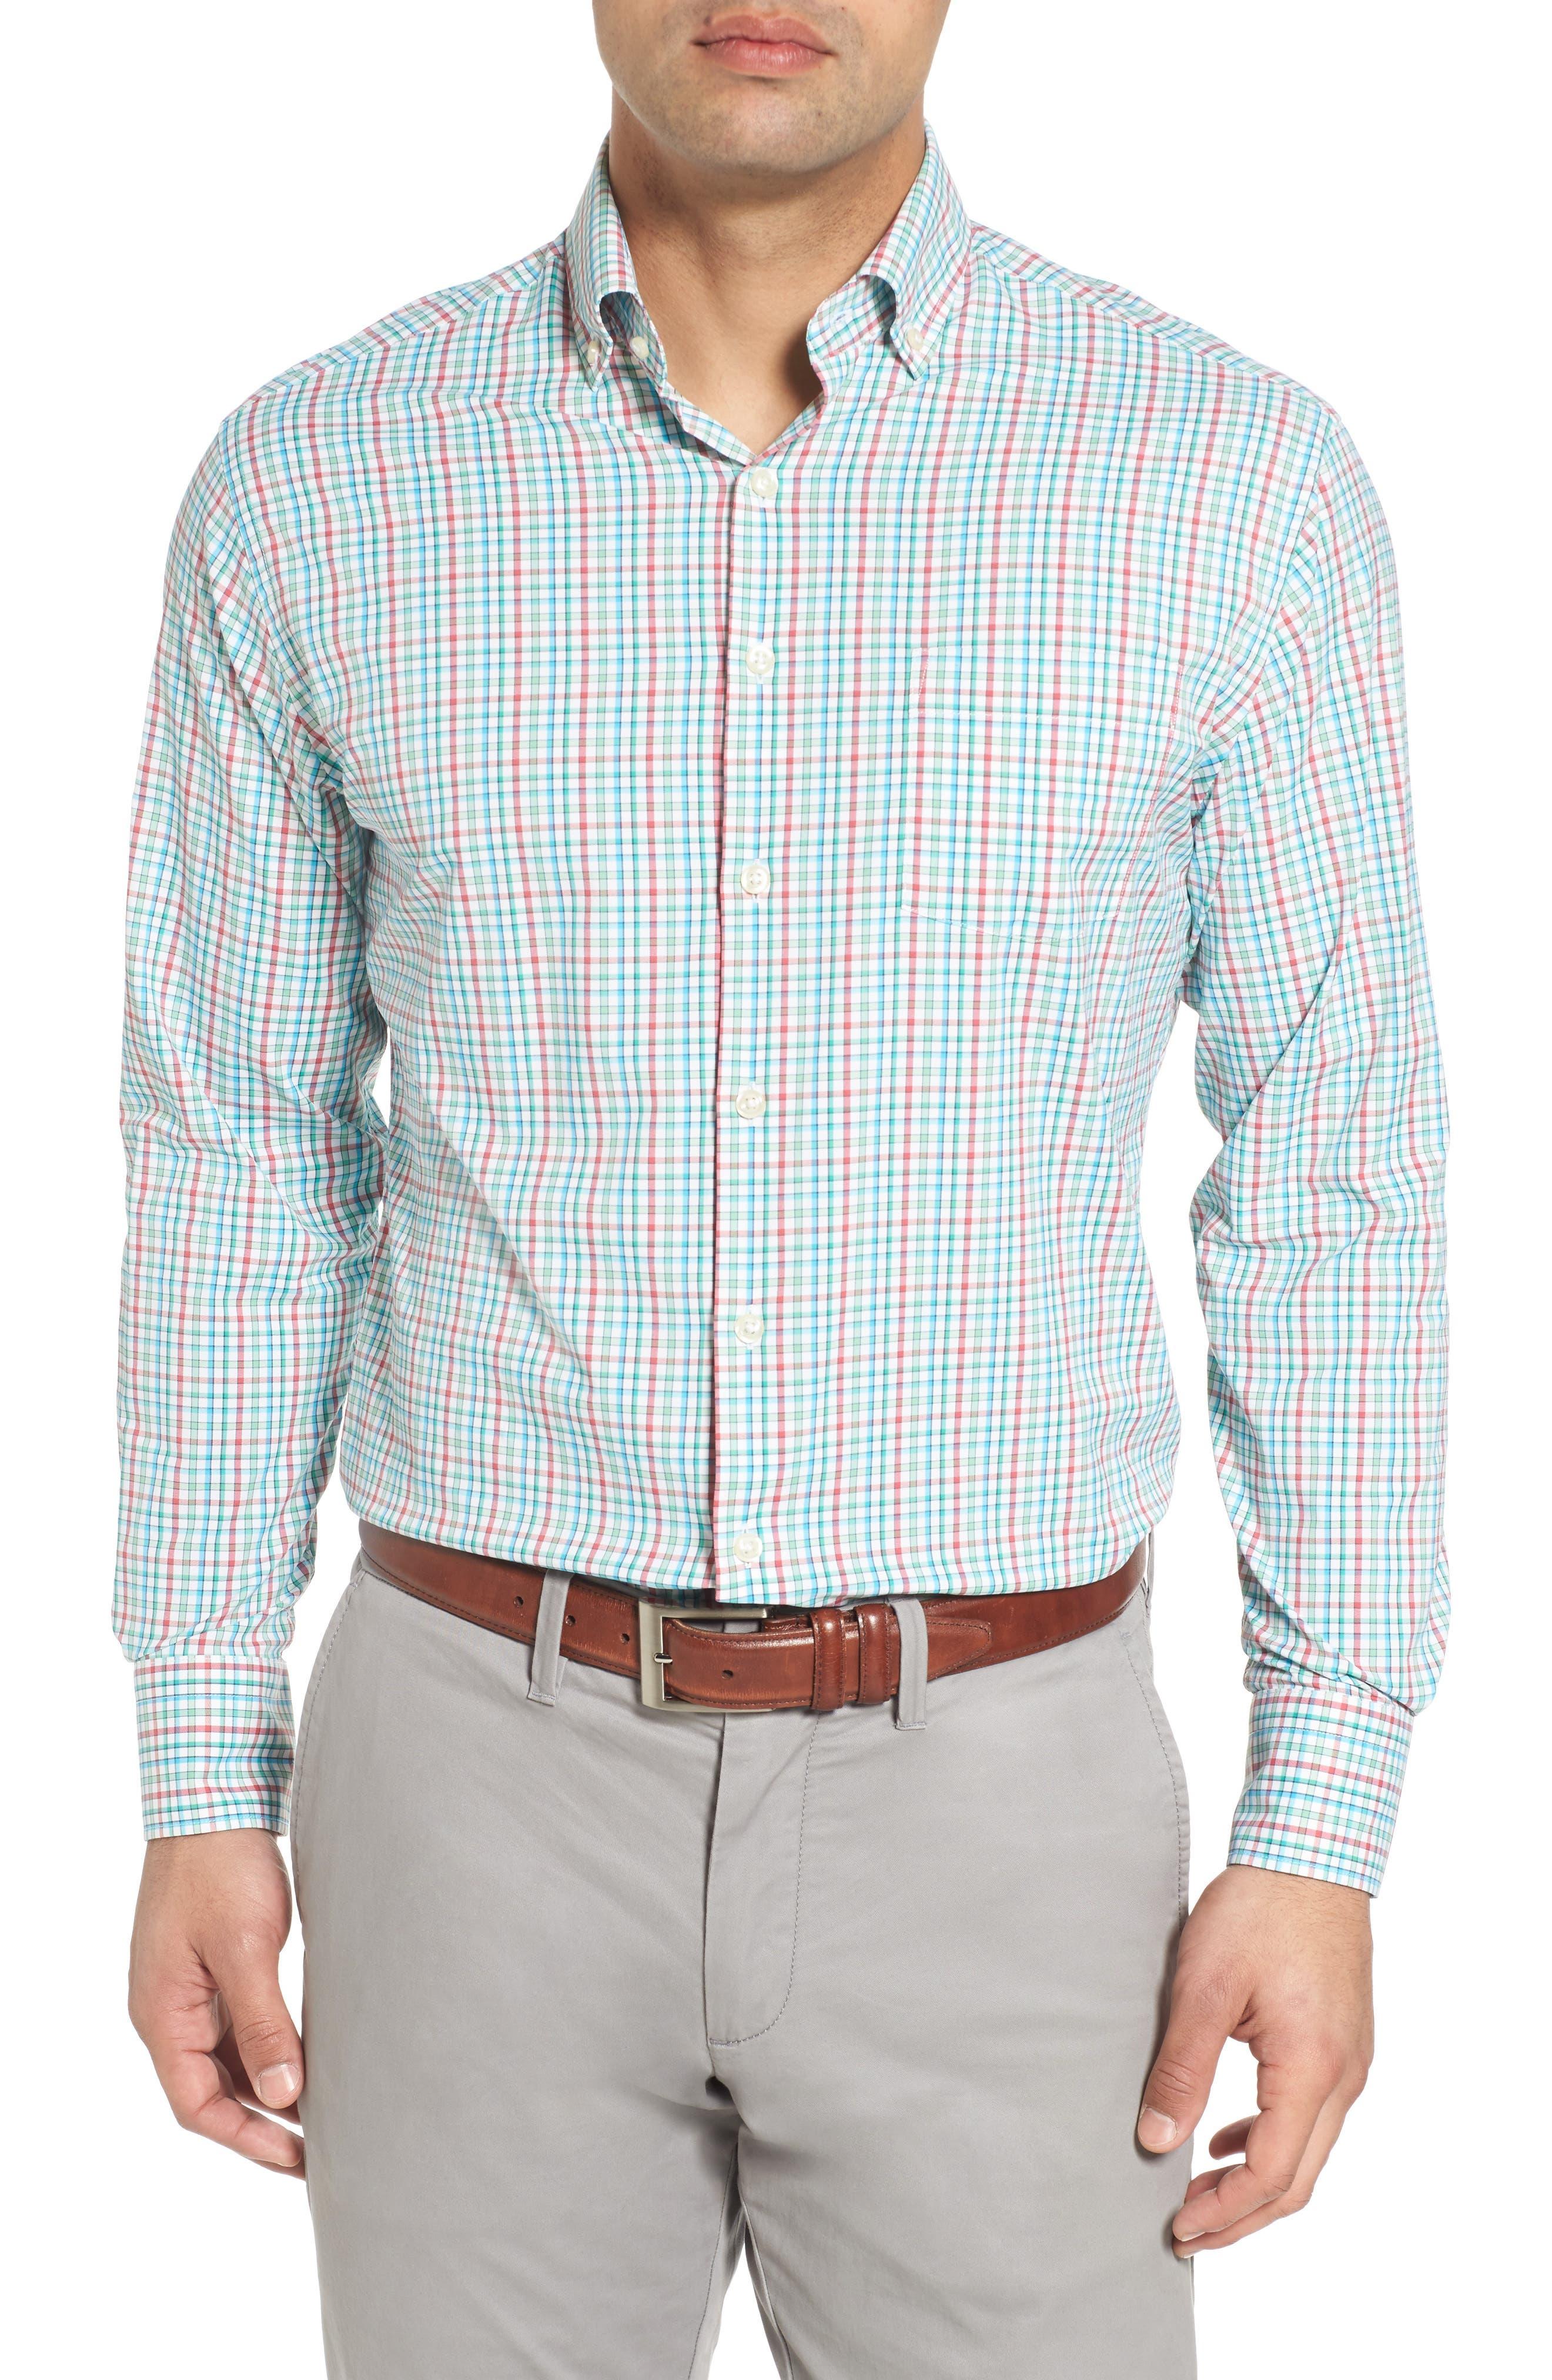 Gunn Regular Fit Tattersall Sport Shirt,                             Main thumbnail 1, color,                             100